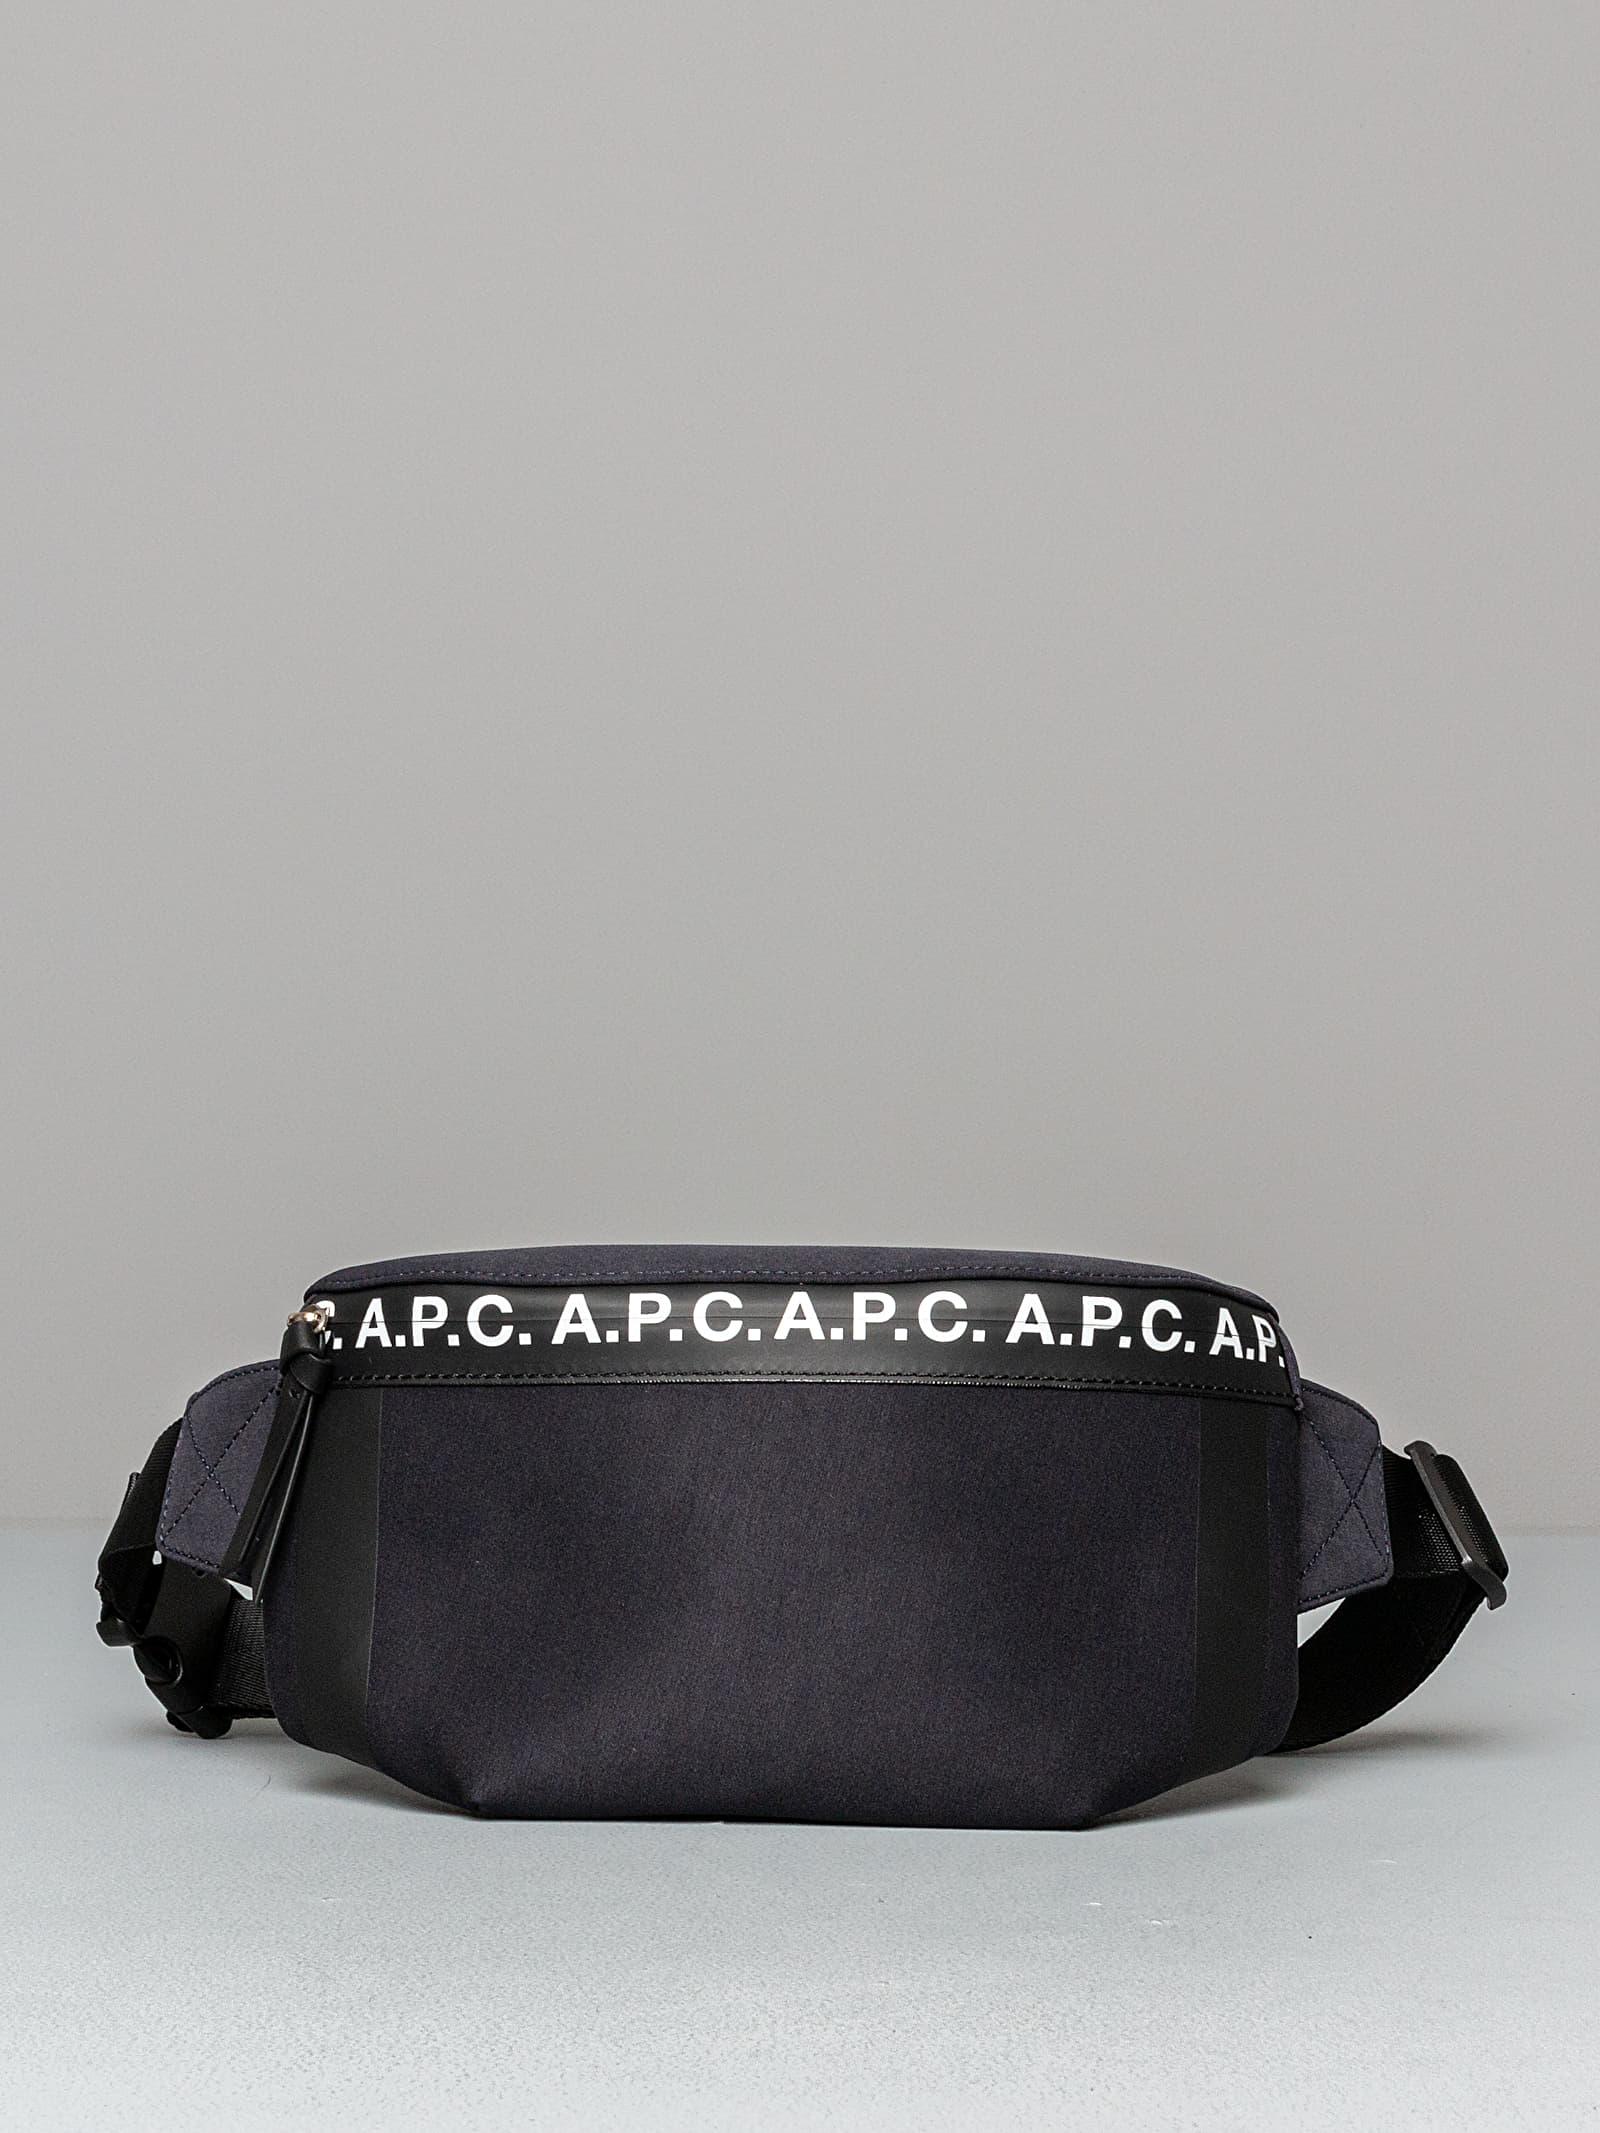 A.P.C. Savile Bum Bag